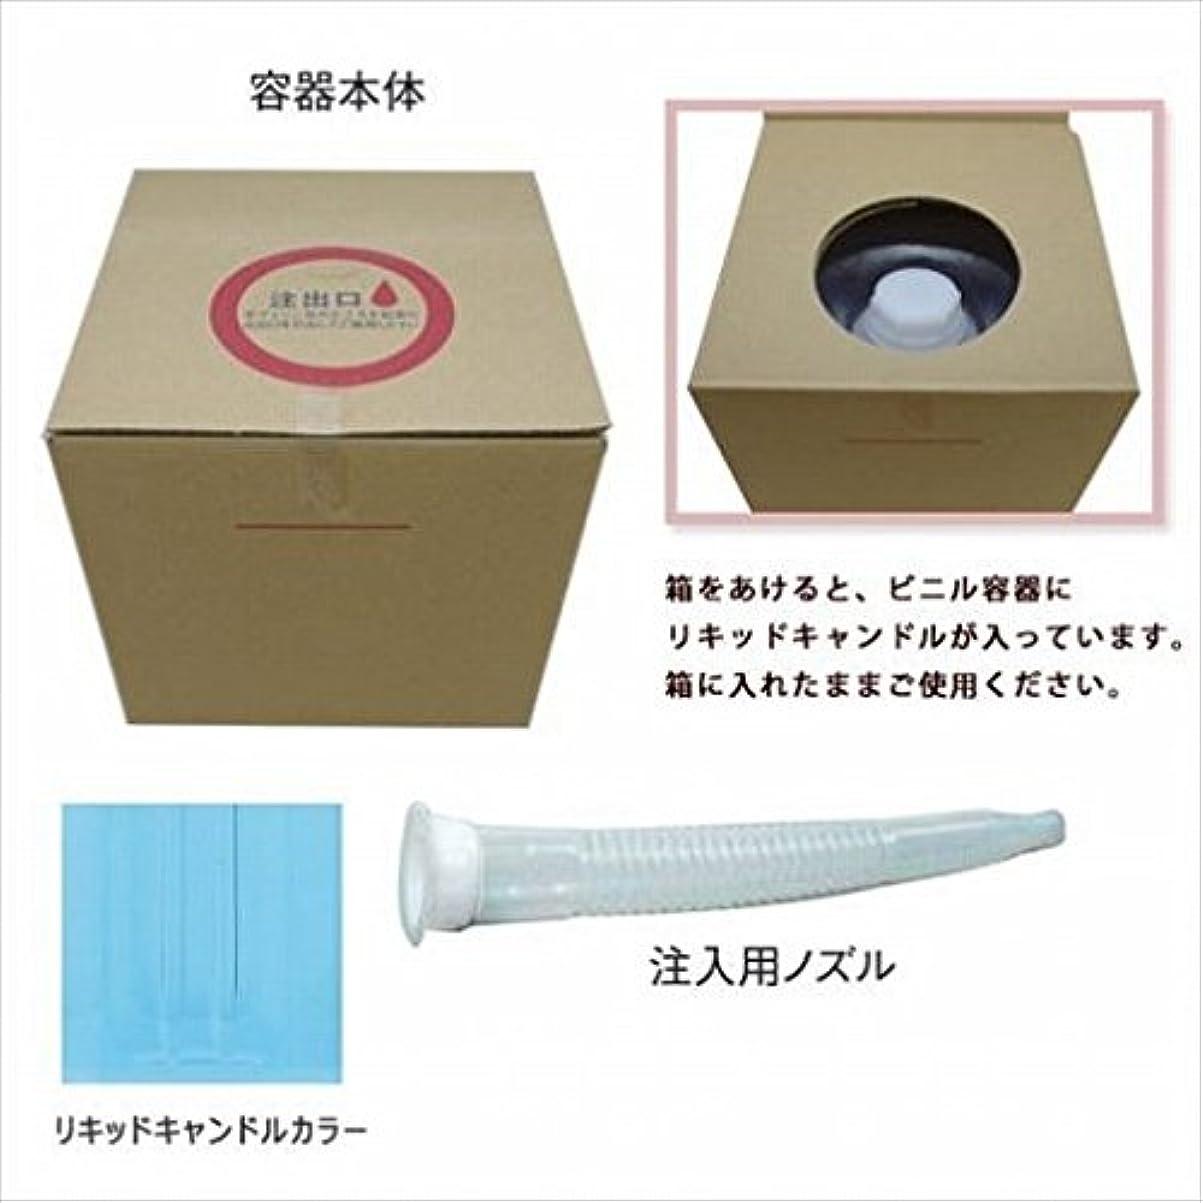 遠い主人ちょうつがいkameyama candle(カメヤマキャンドル) リキッドキャンドル5リットル 「 ライトブルー 」(77320000LB)